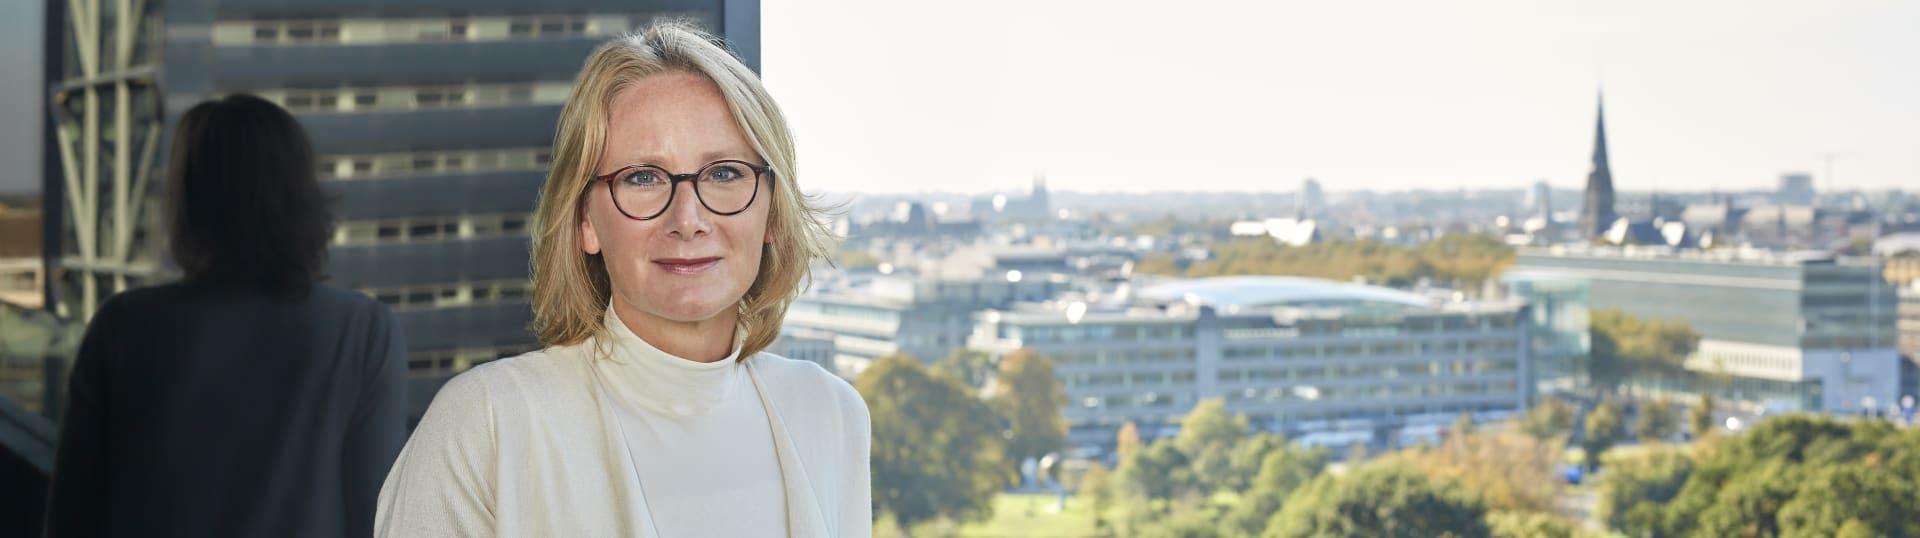 Wemmeke Wisman, advocaat Pels Rijcken